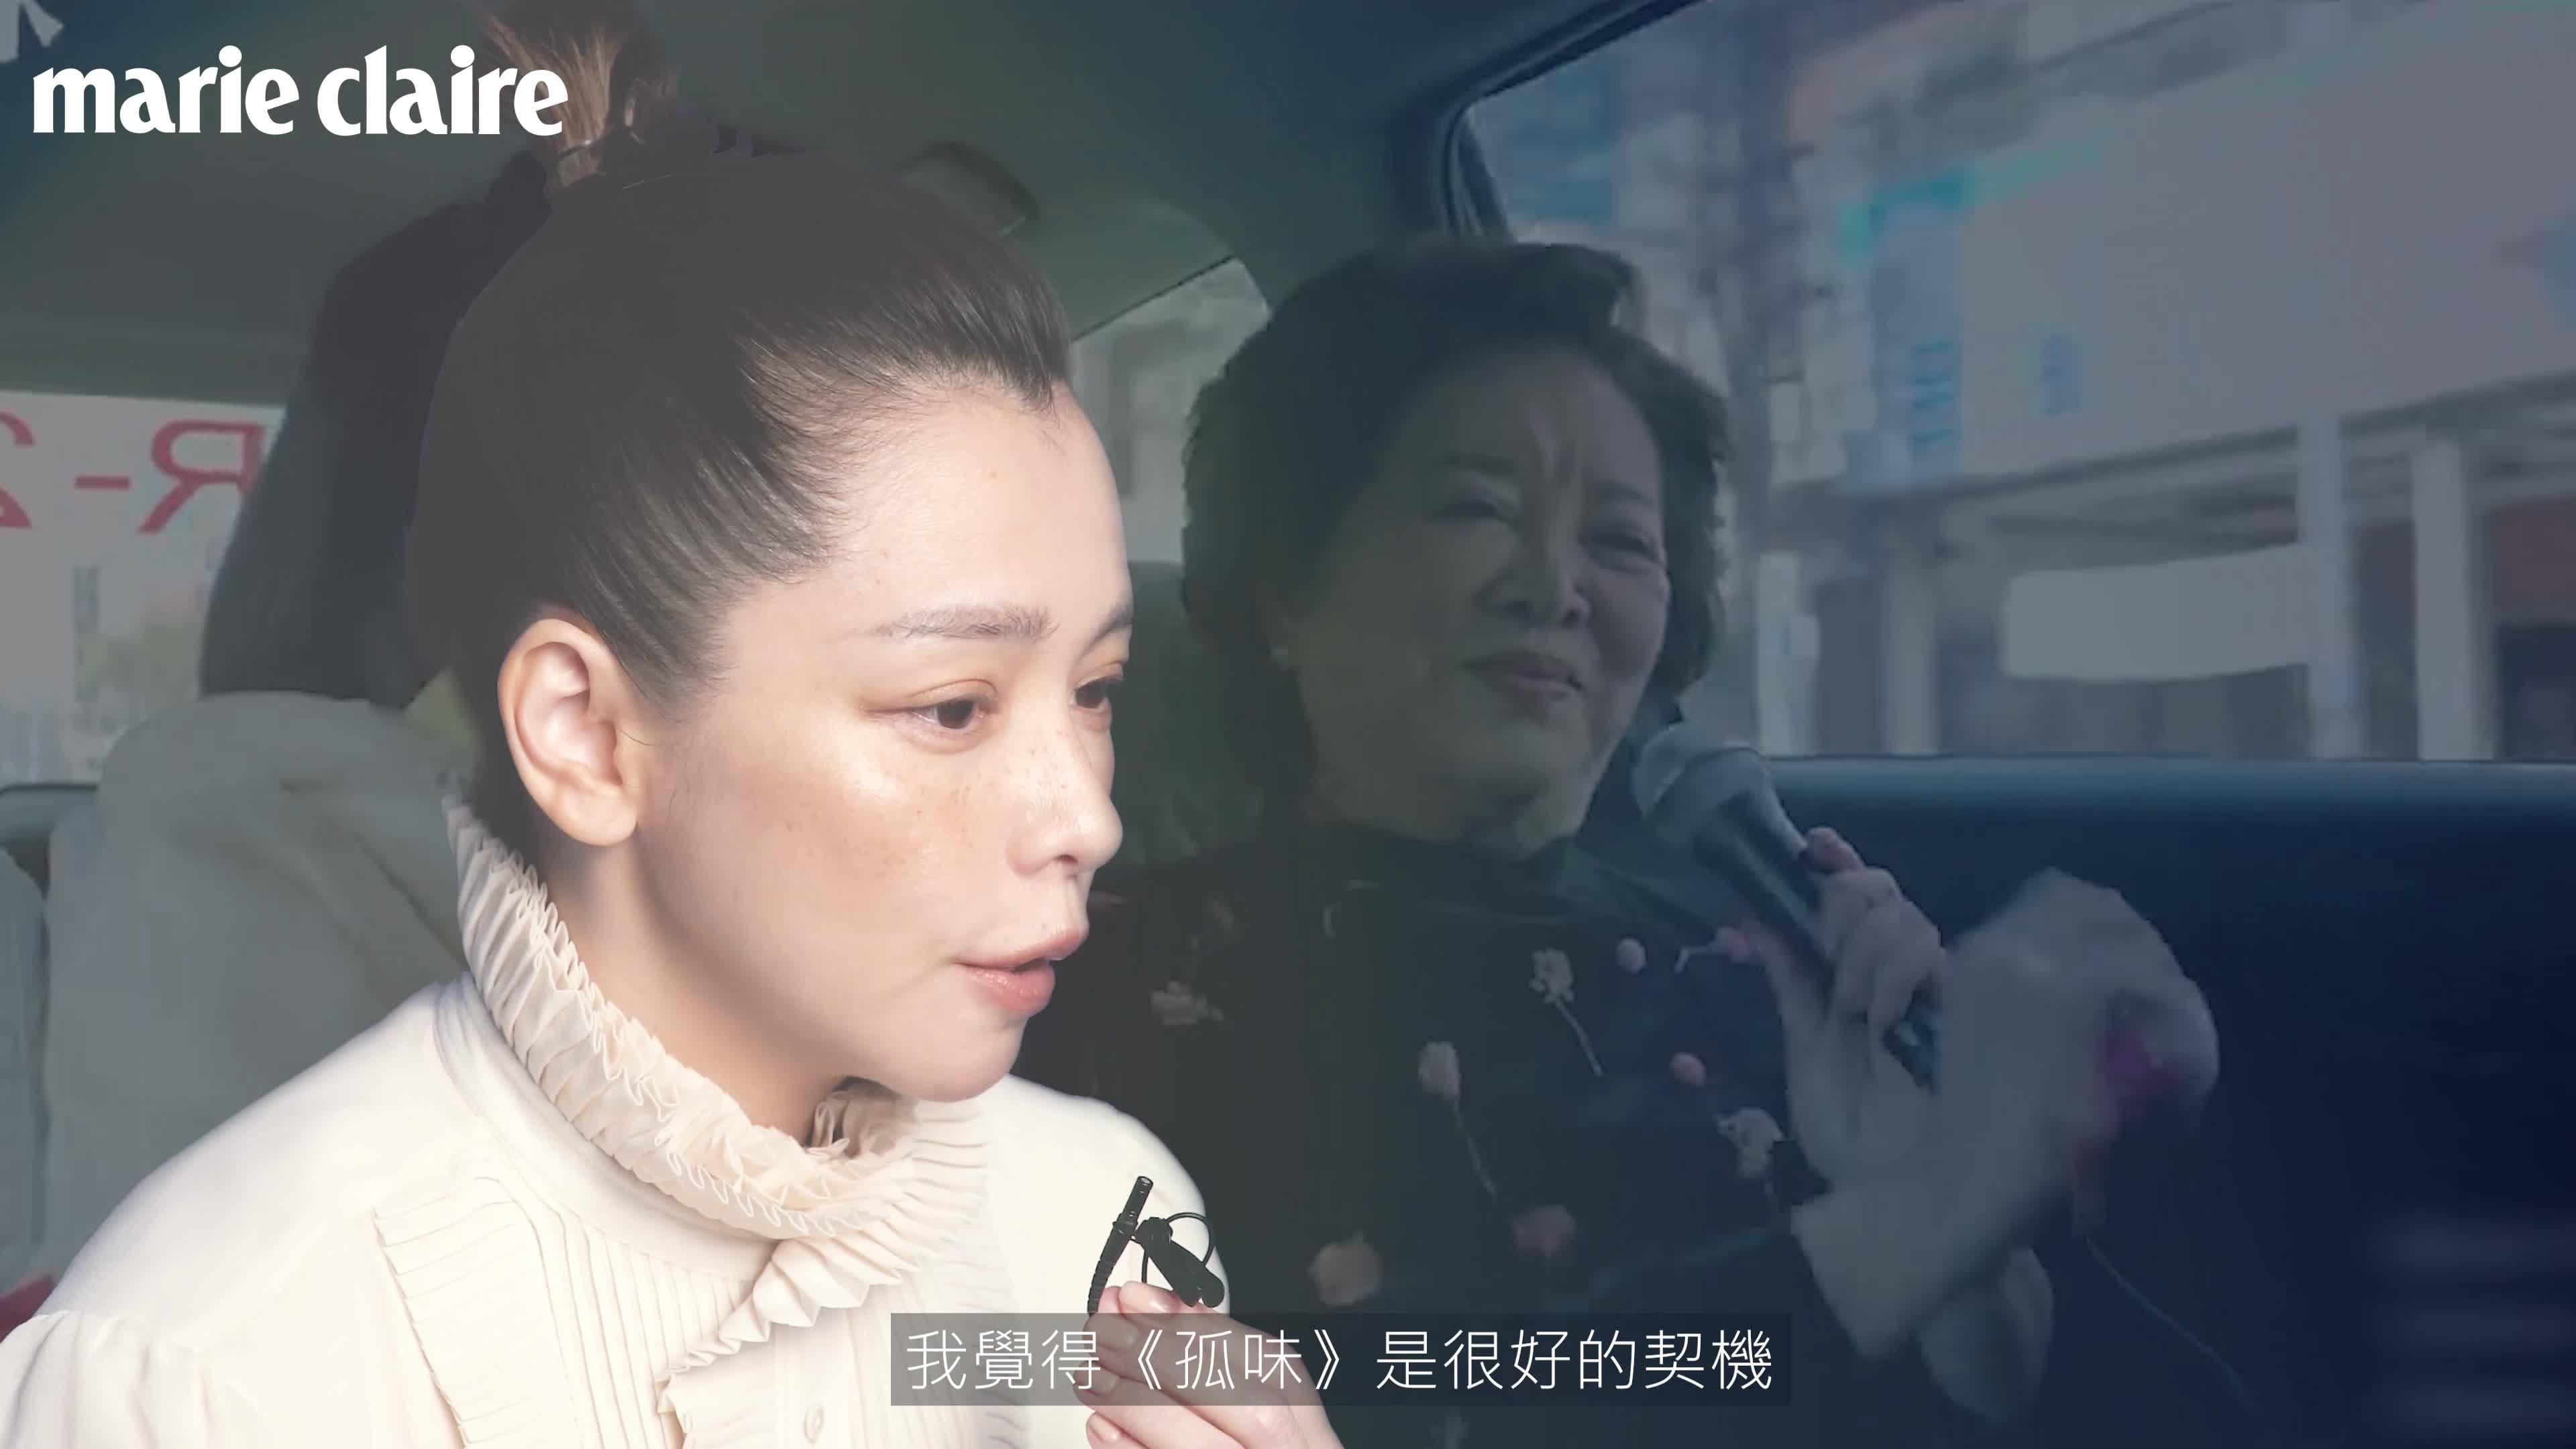 徐若瑄 Vivian Hsu 告別2020年,最需要跟自己和解,持續散發正能量直到永遠!